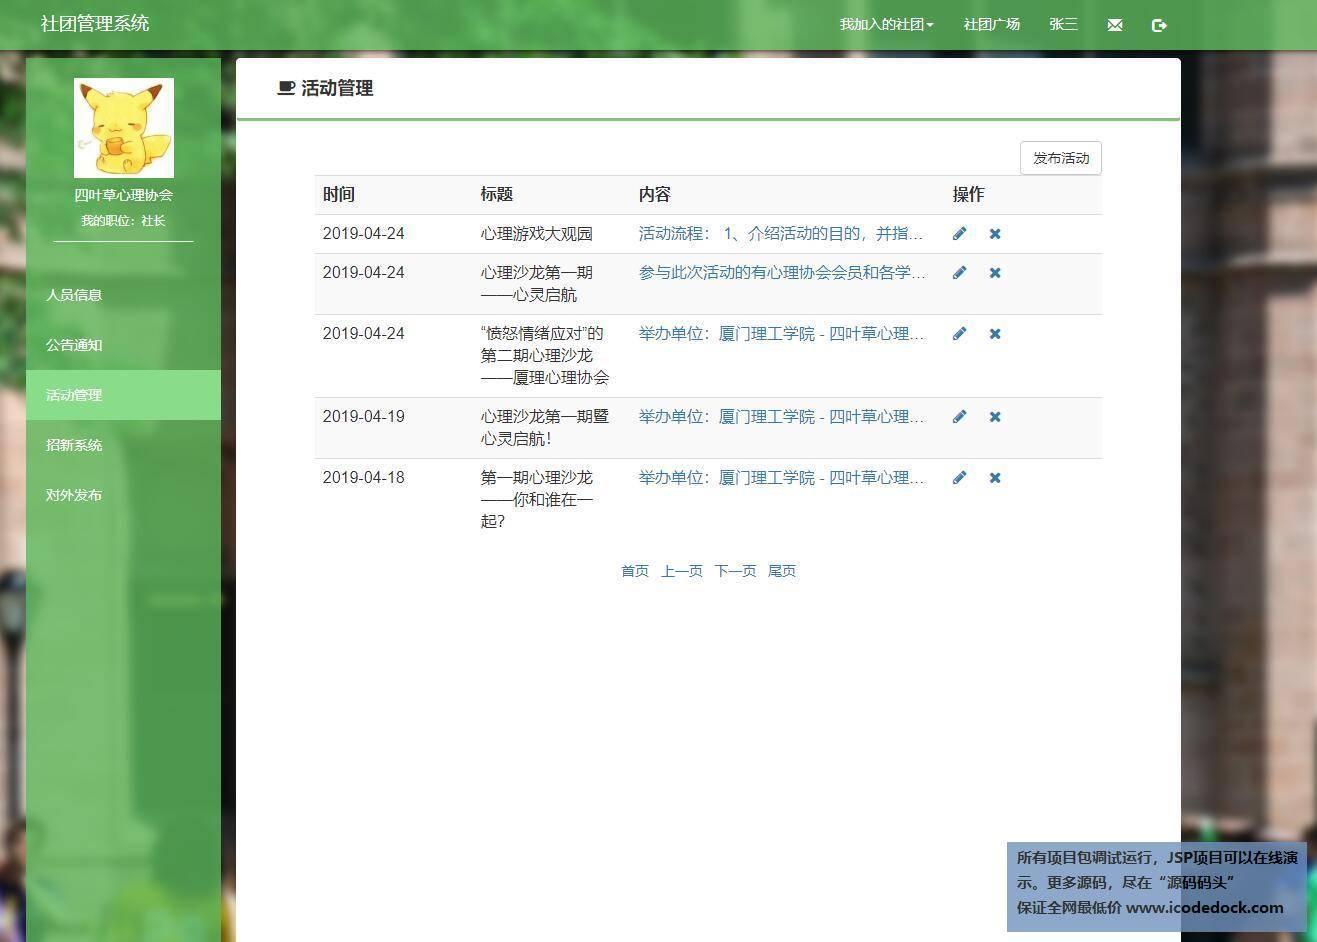 源码码头-JSP学生社团管理系统-社长角色-活动发布修改删除